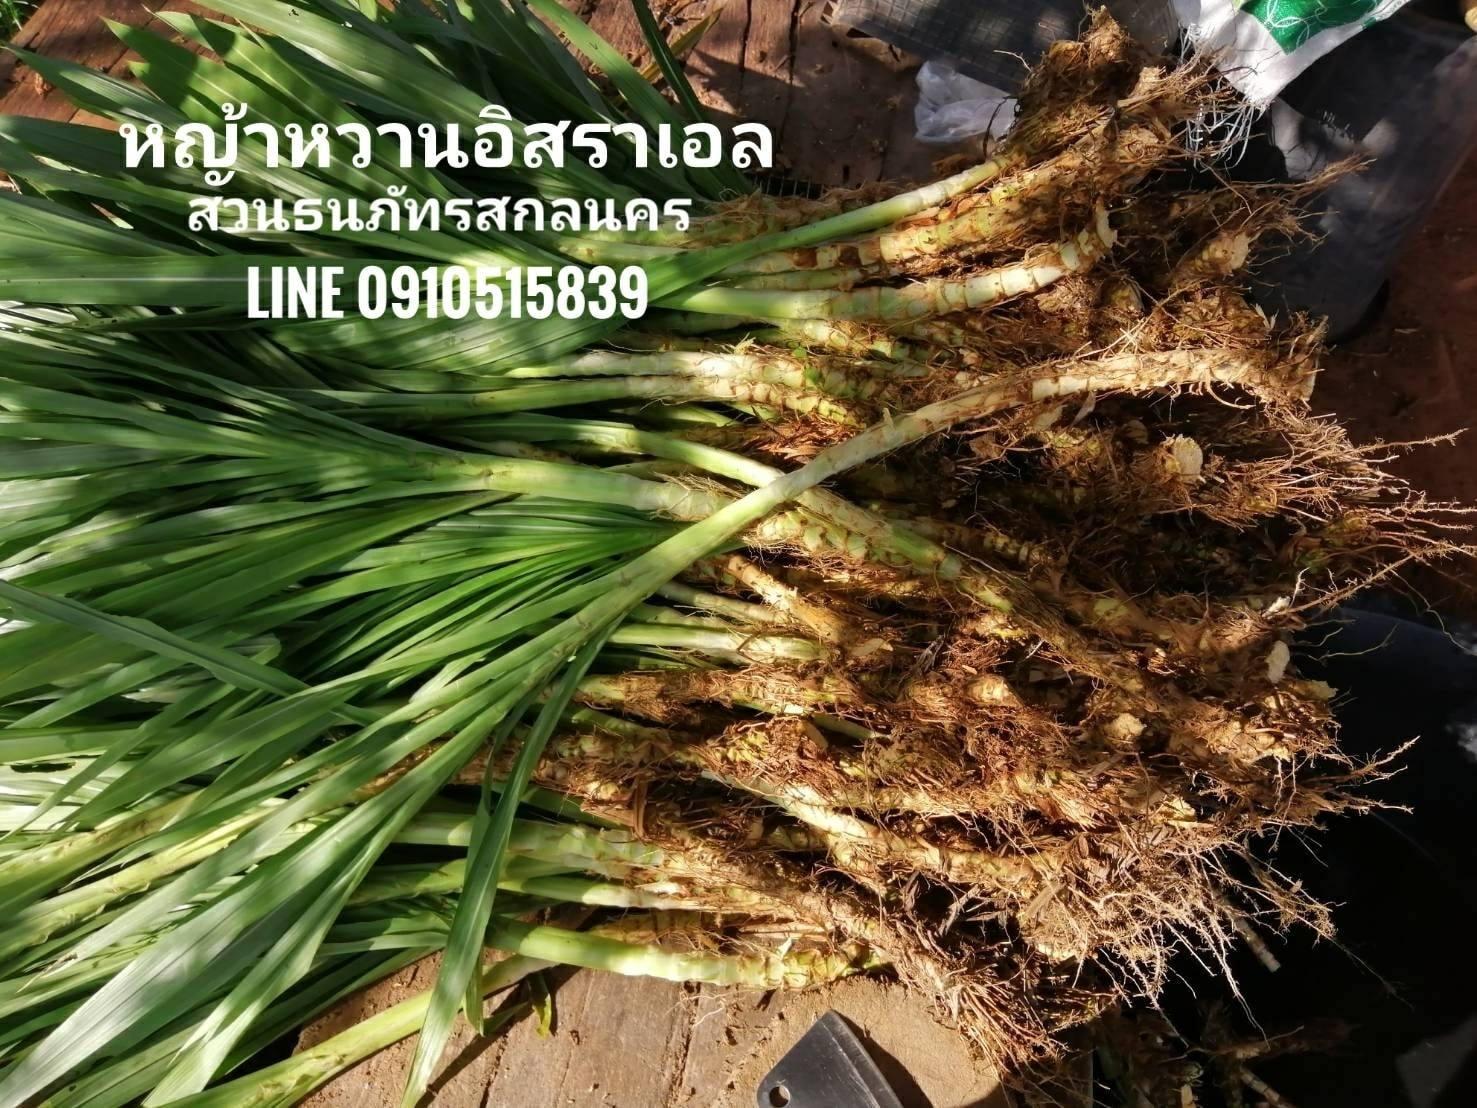 ขายหญ้าหวานอิสราเอล บริการจัดส่ง อ.กบินทร์บุรี จ.ปราจีนบุรี